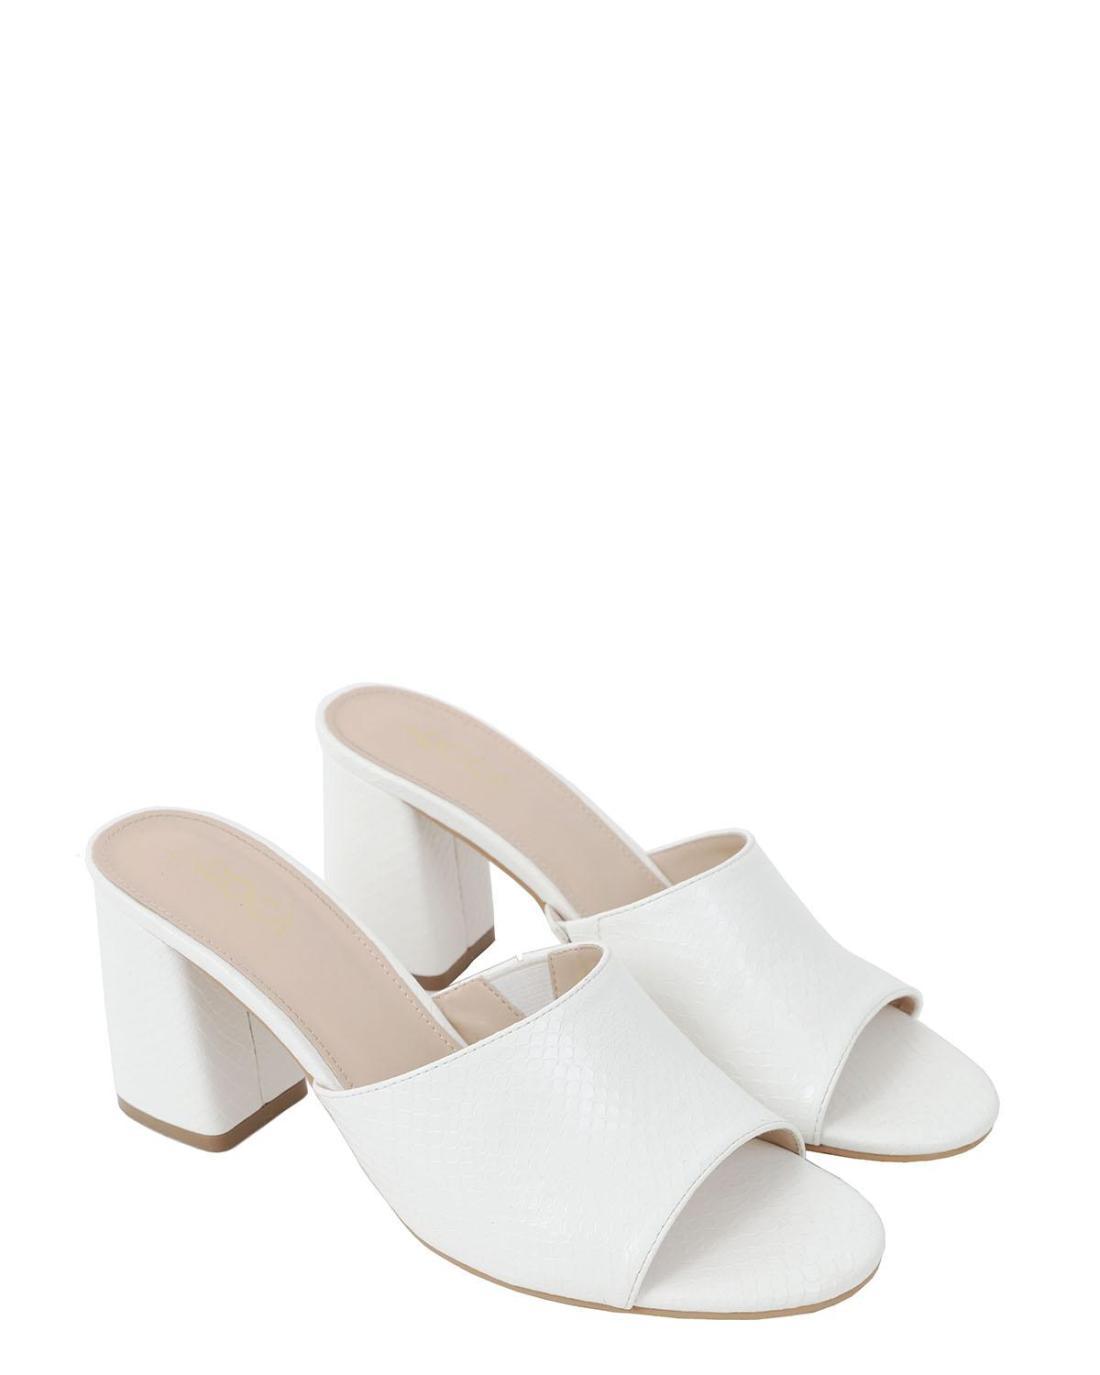 Mules άσπρα